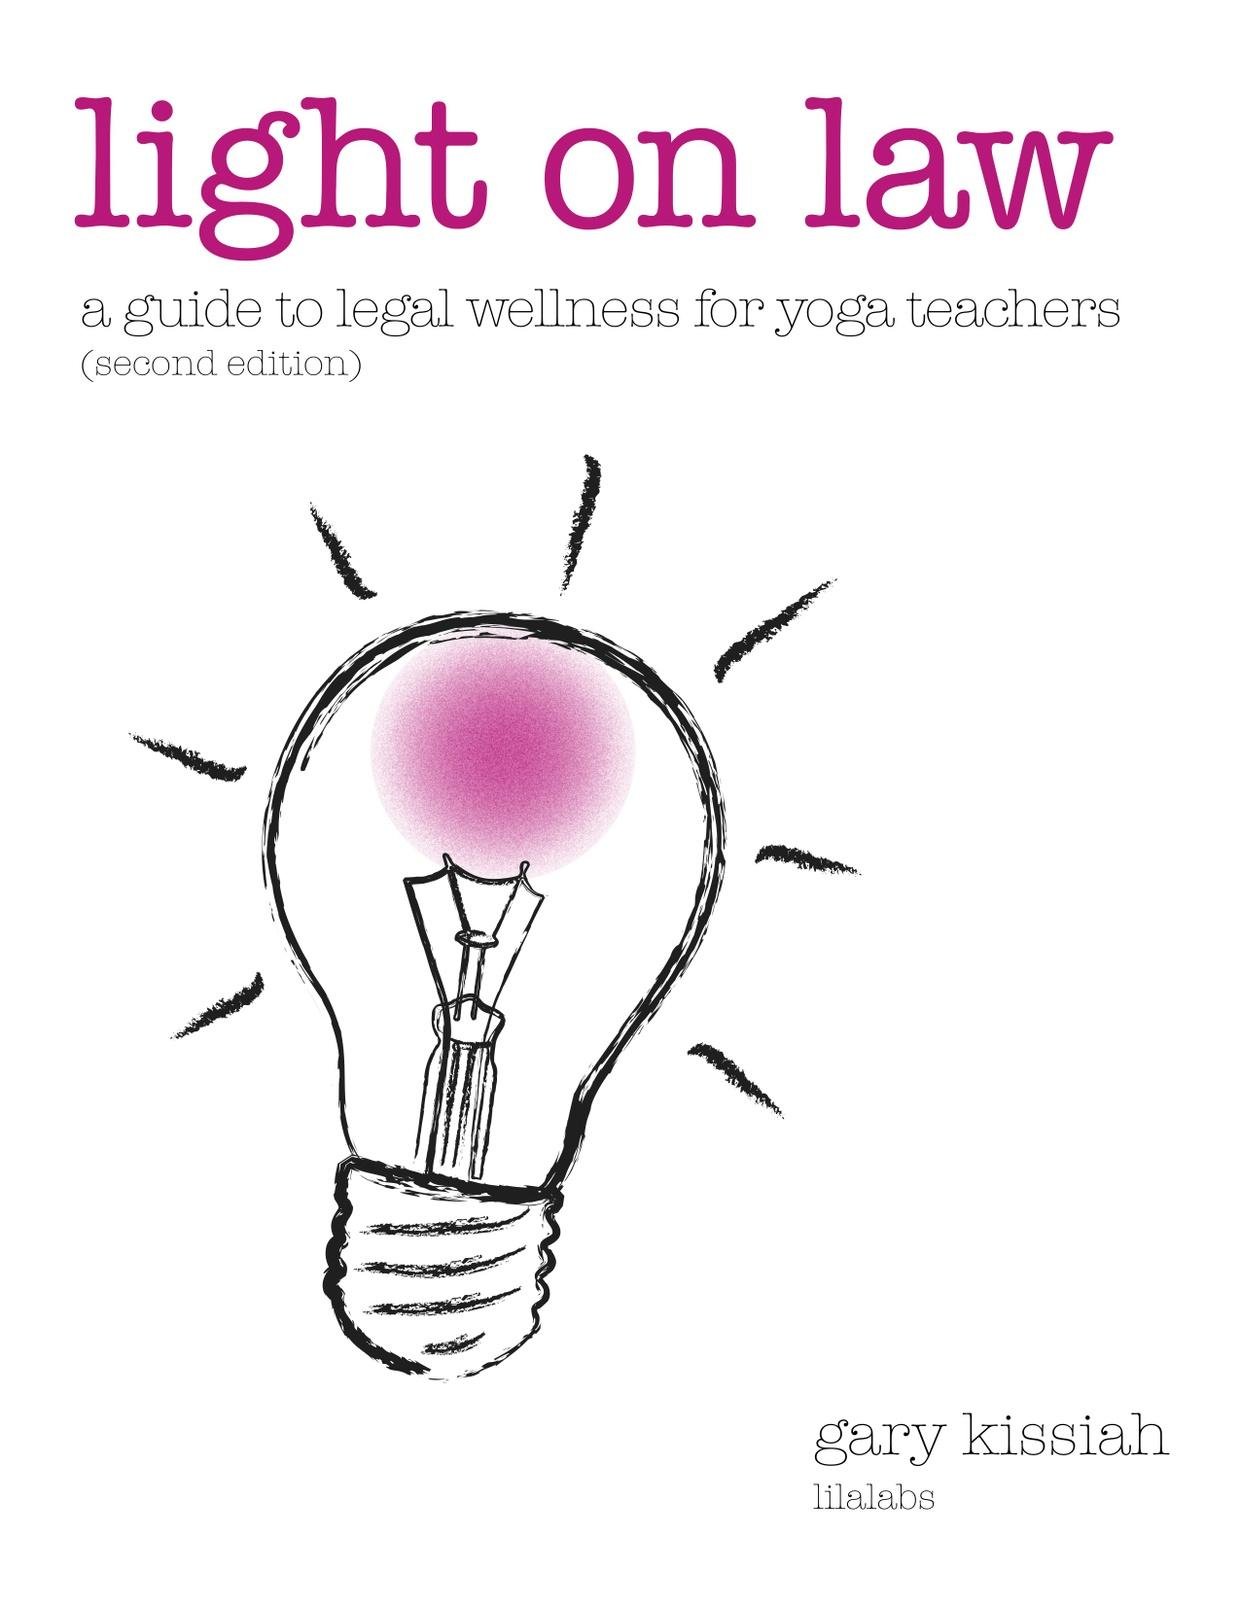 Light on Law For Teachers